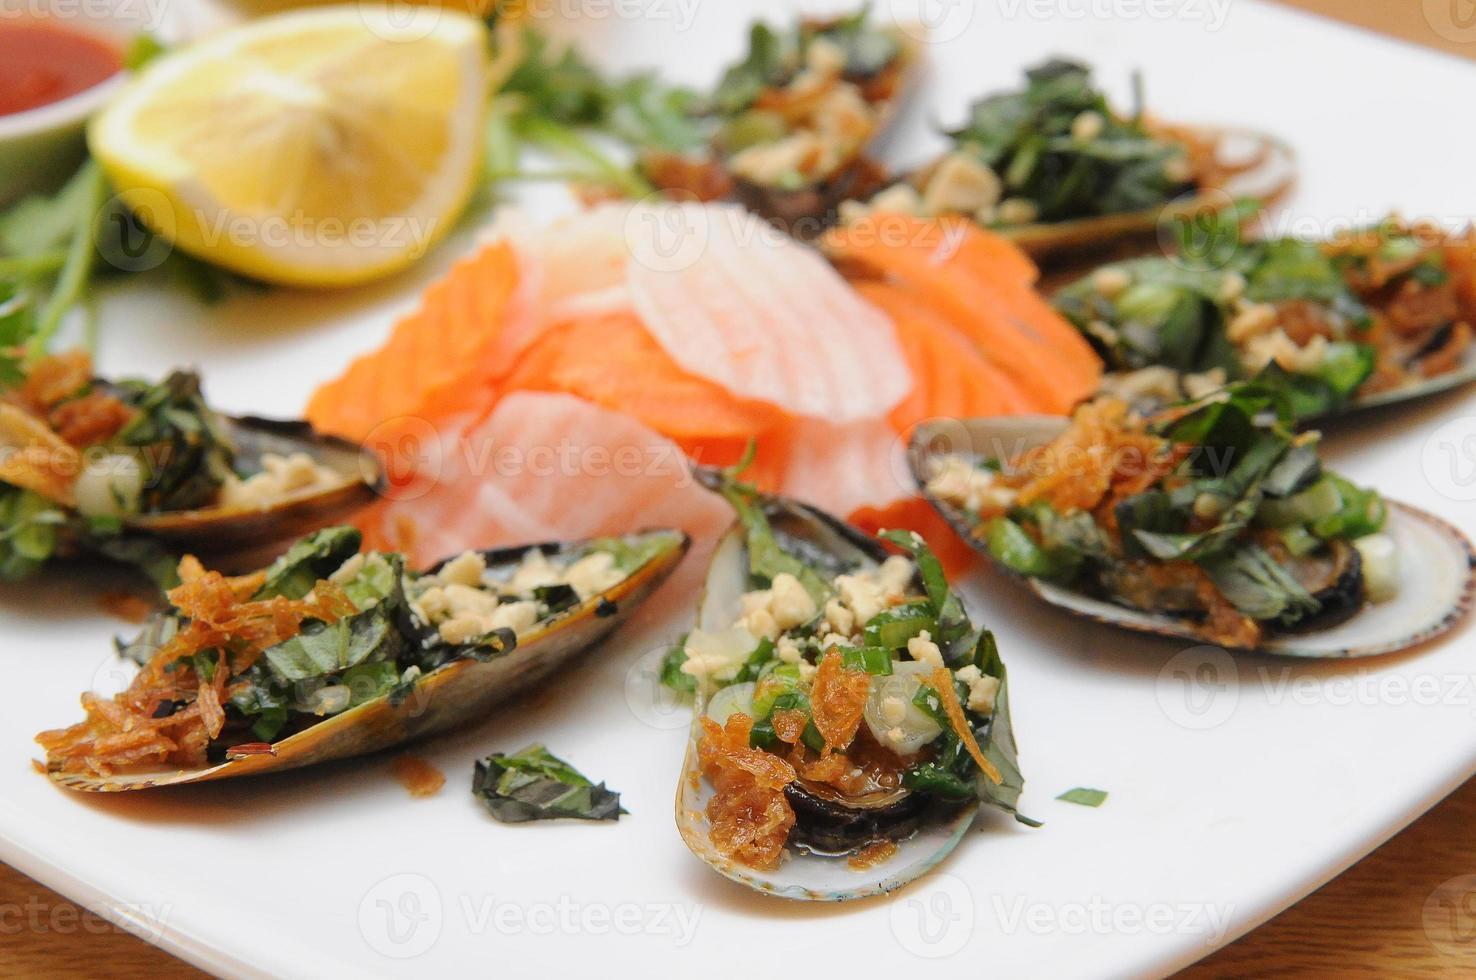 angolo vietnamita del piatto di ostrica foto